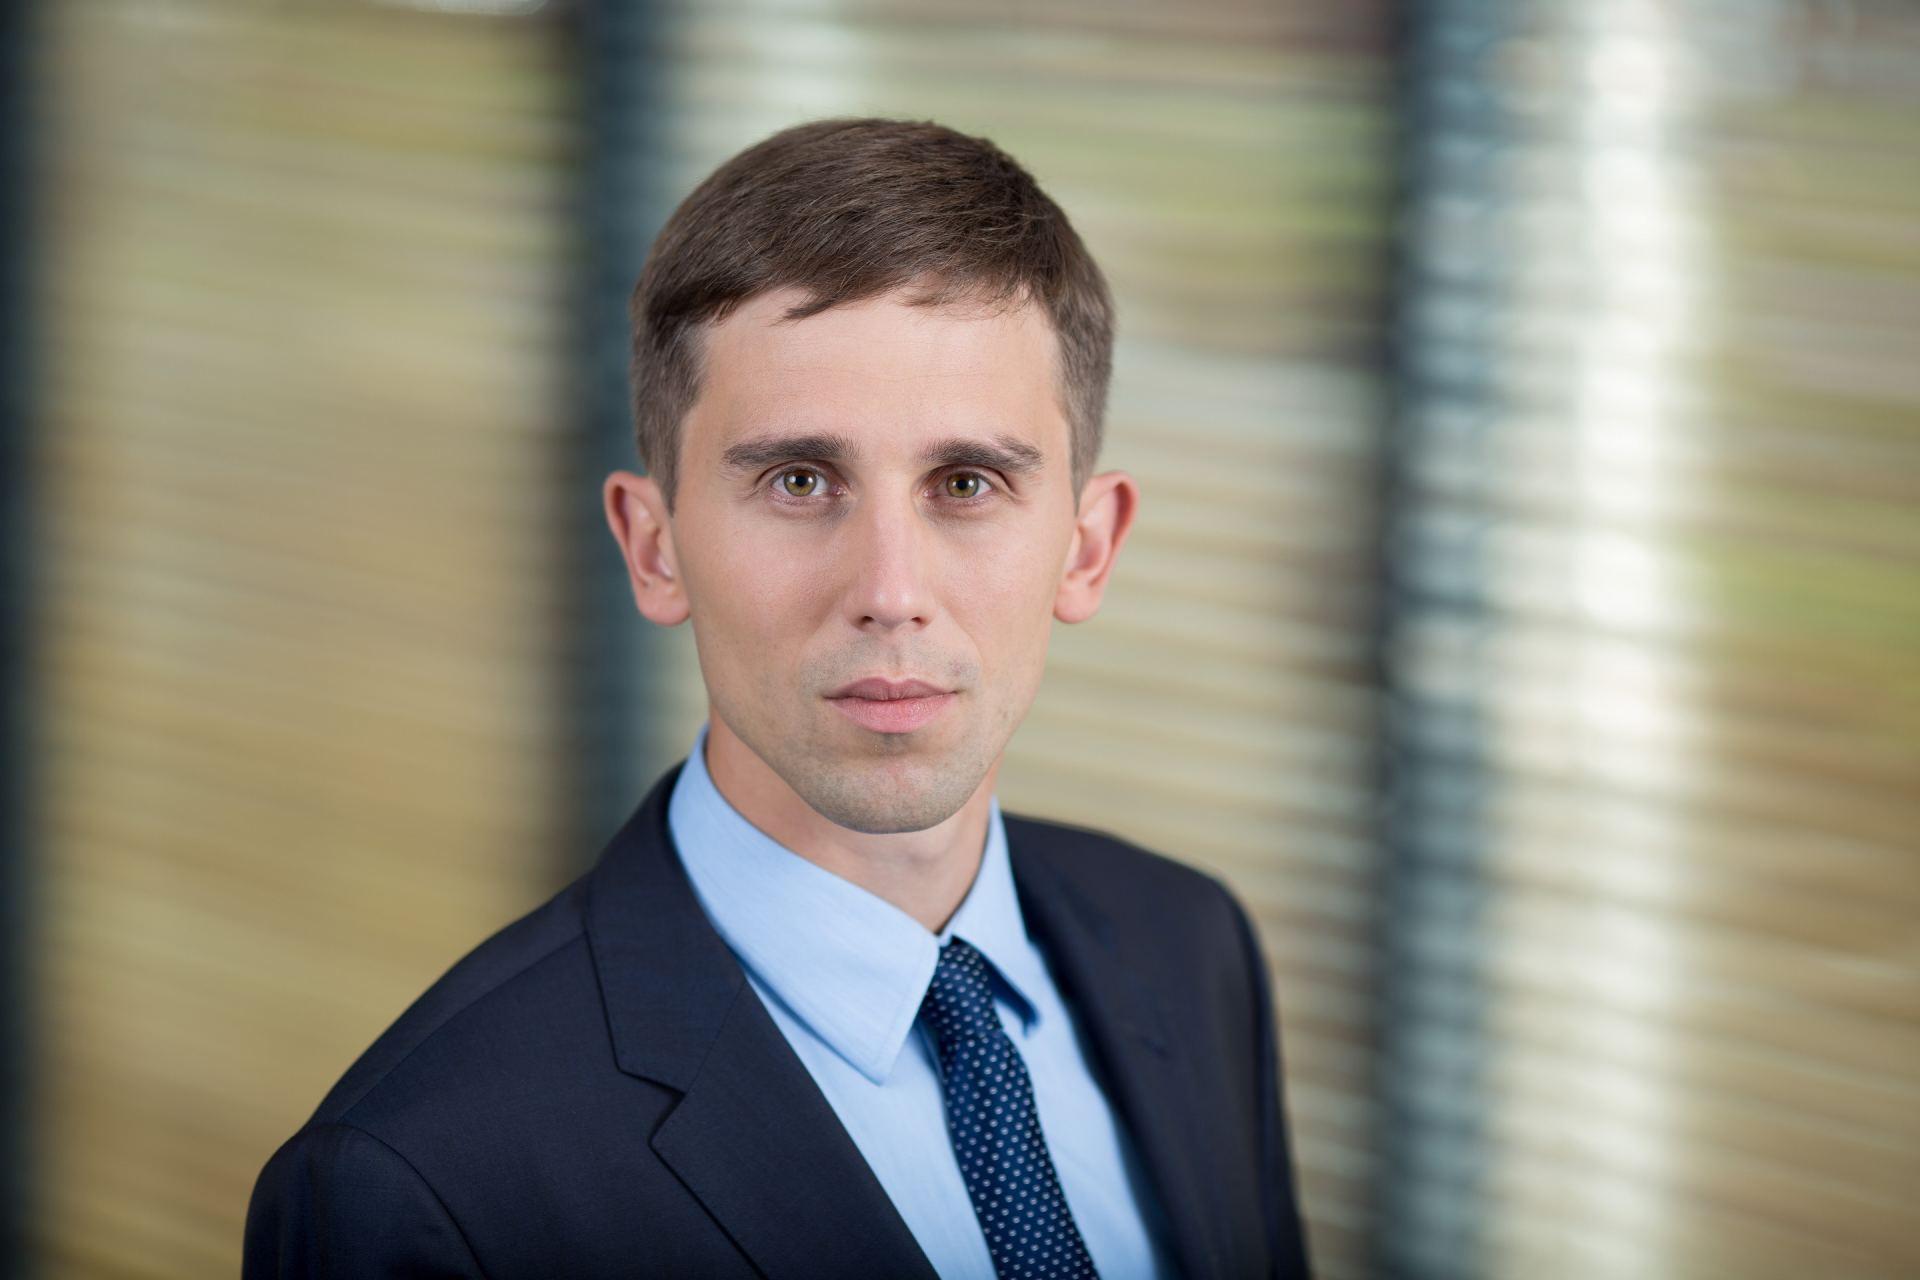 Ekspertai apie padėtį mažmeninės prekybos sektoriuje - KPMG Lietuva